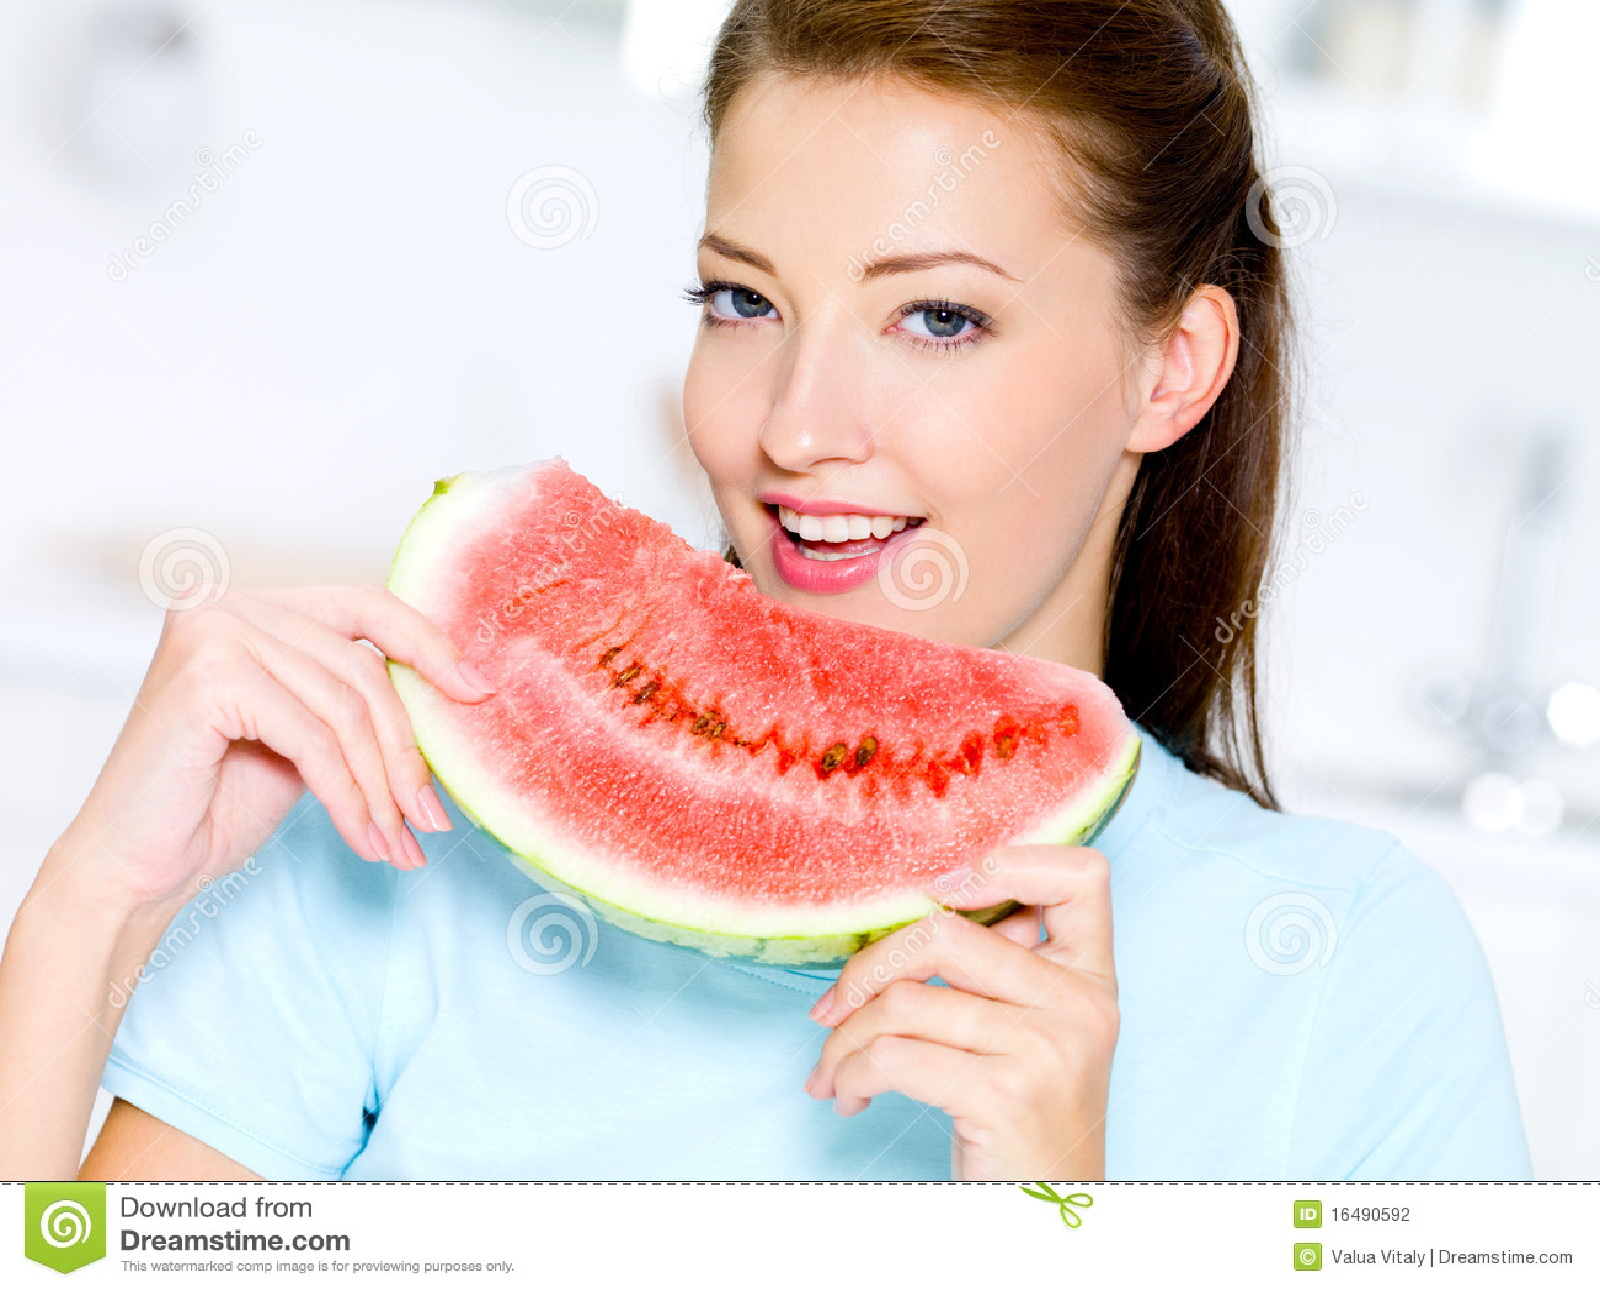 Le femme mange une past que rouge photographie stock image 16490592 - Que mange une pie ...